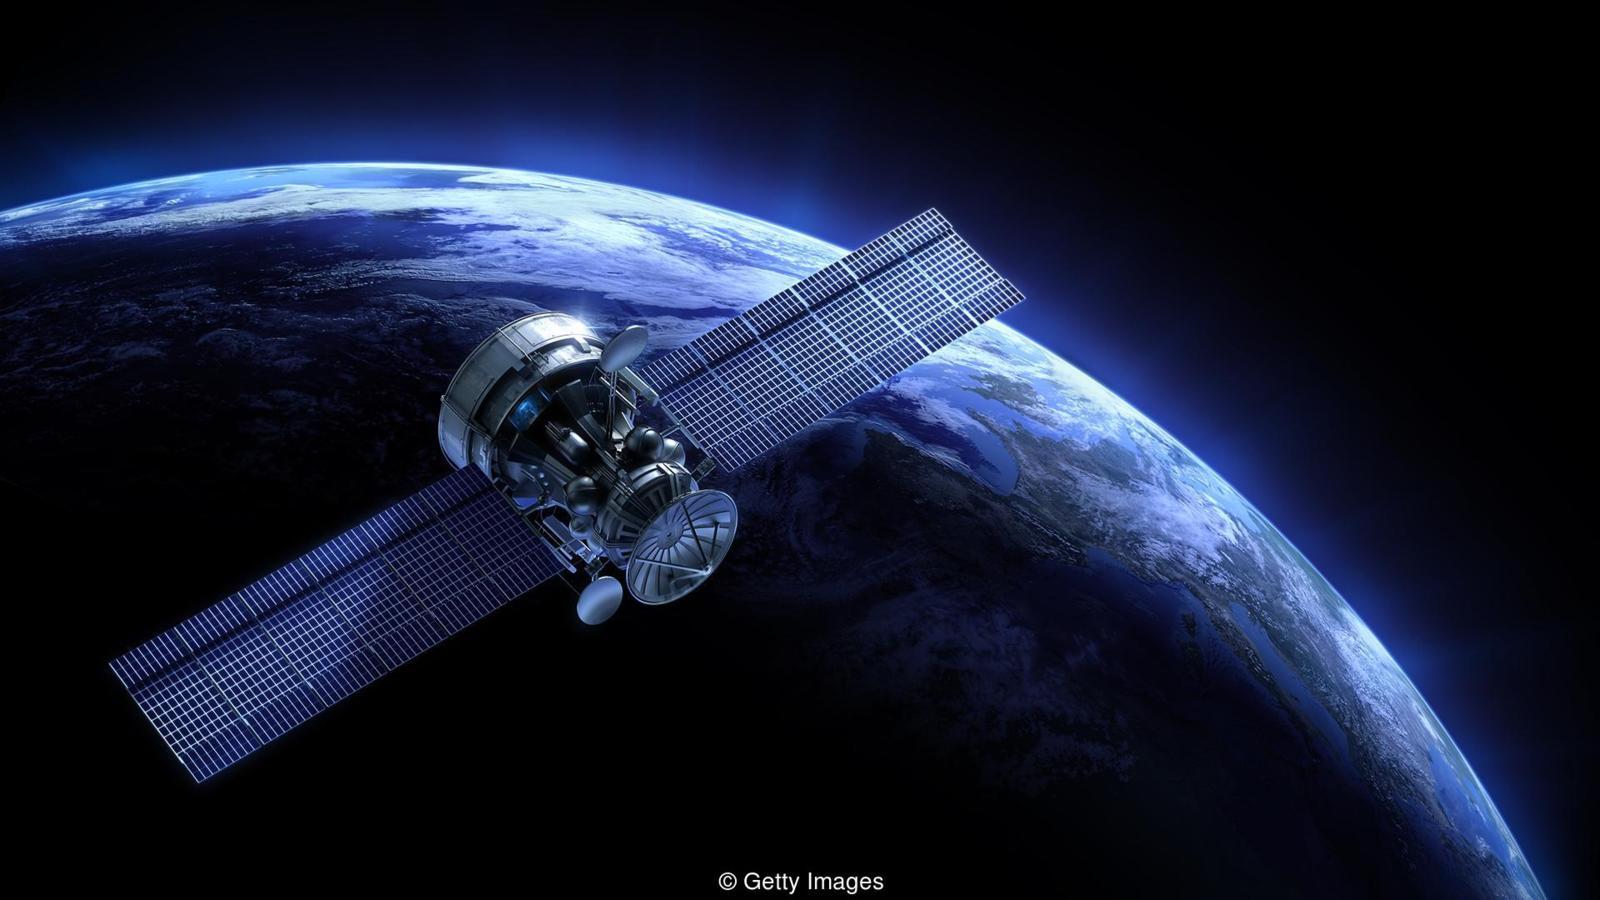 Бермудский треугольник в космосе: угроза для астронавтов?